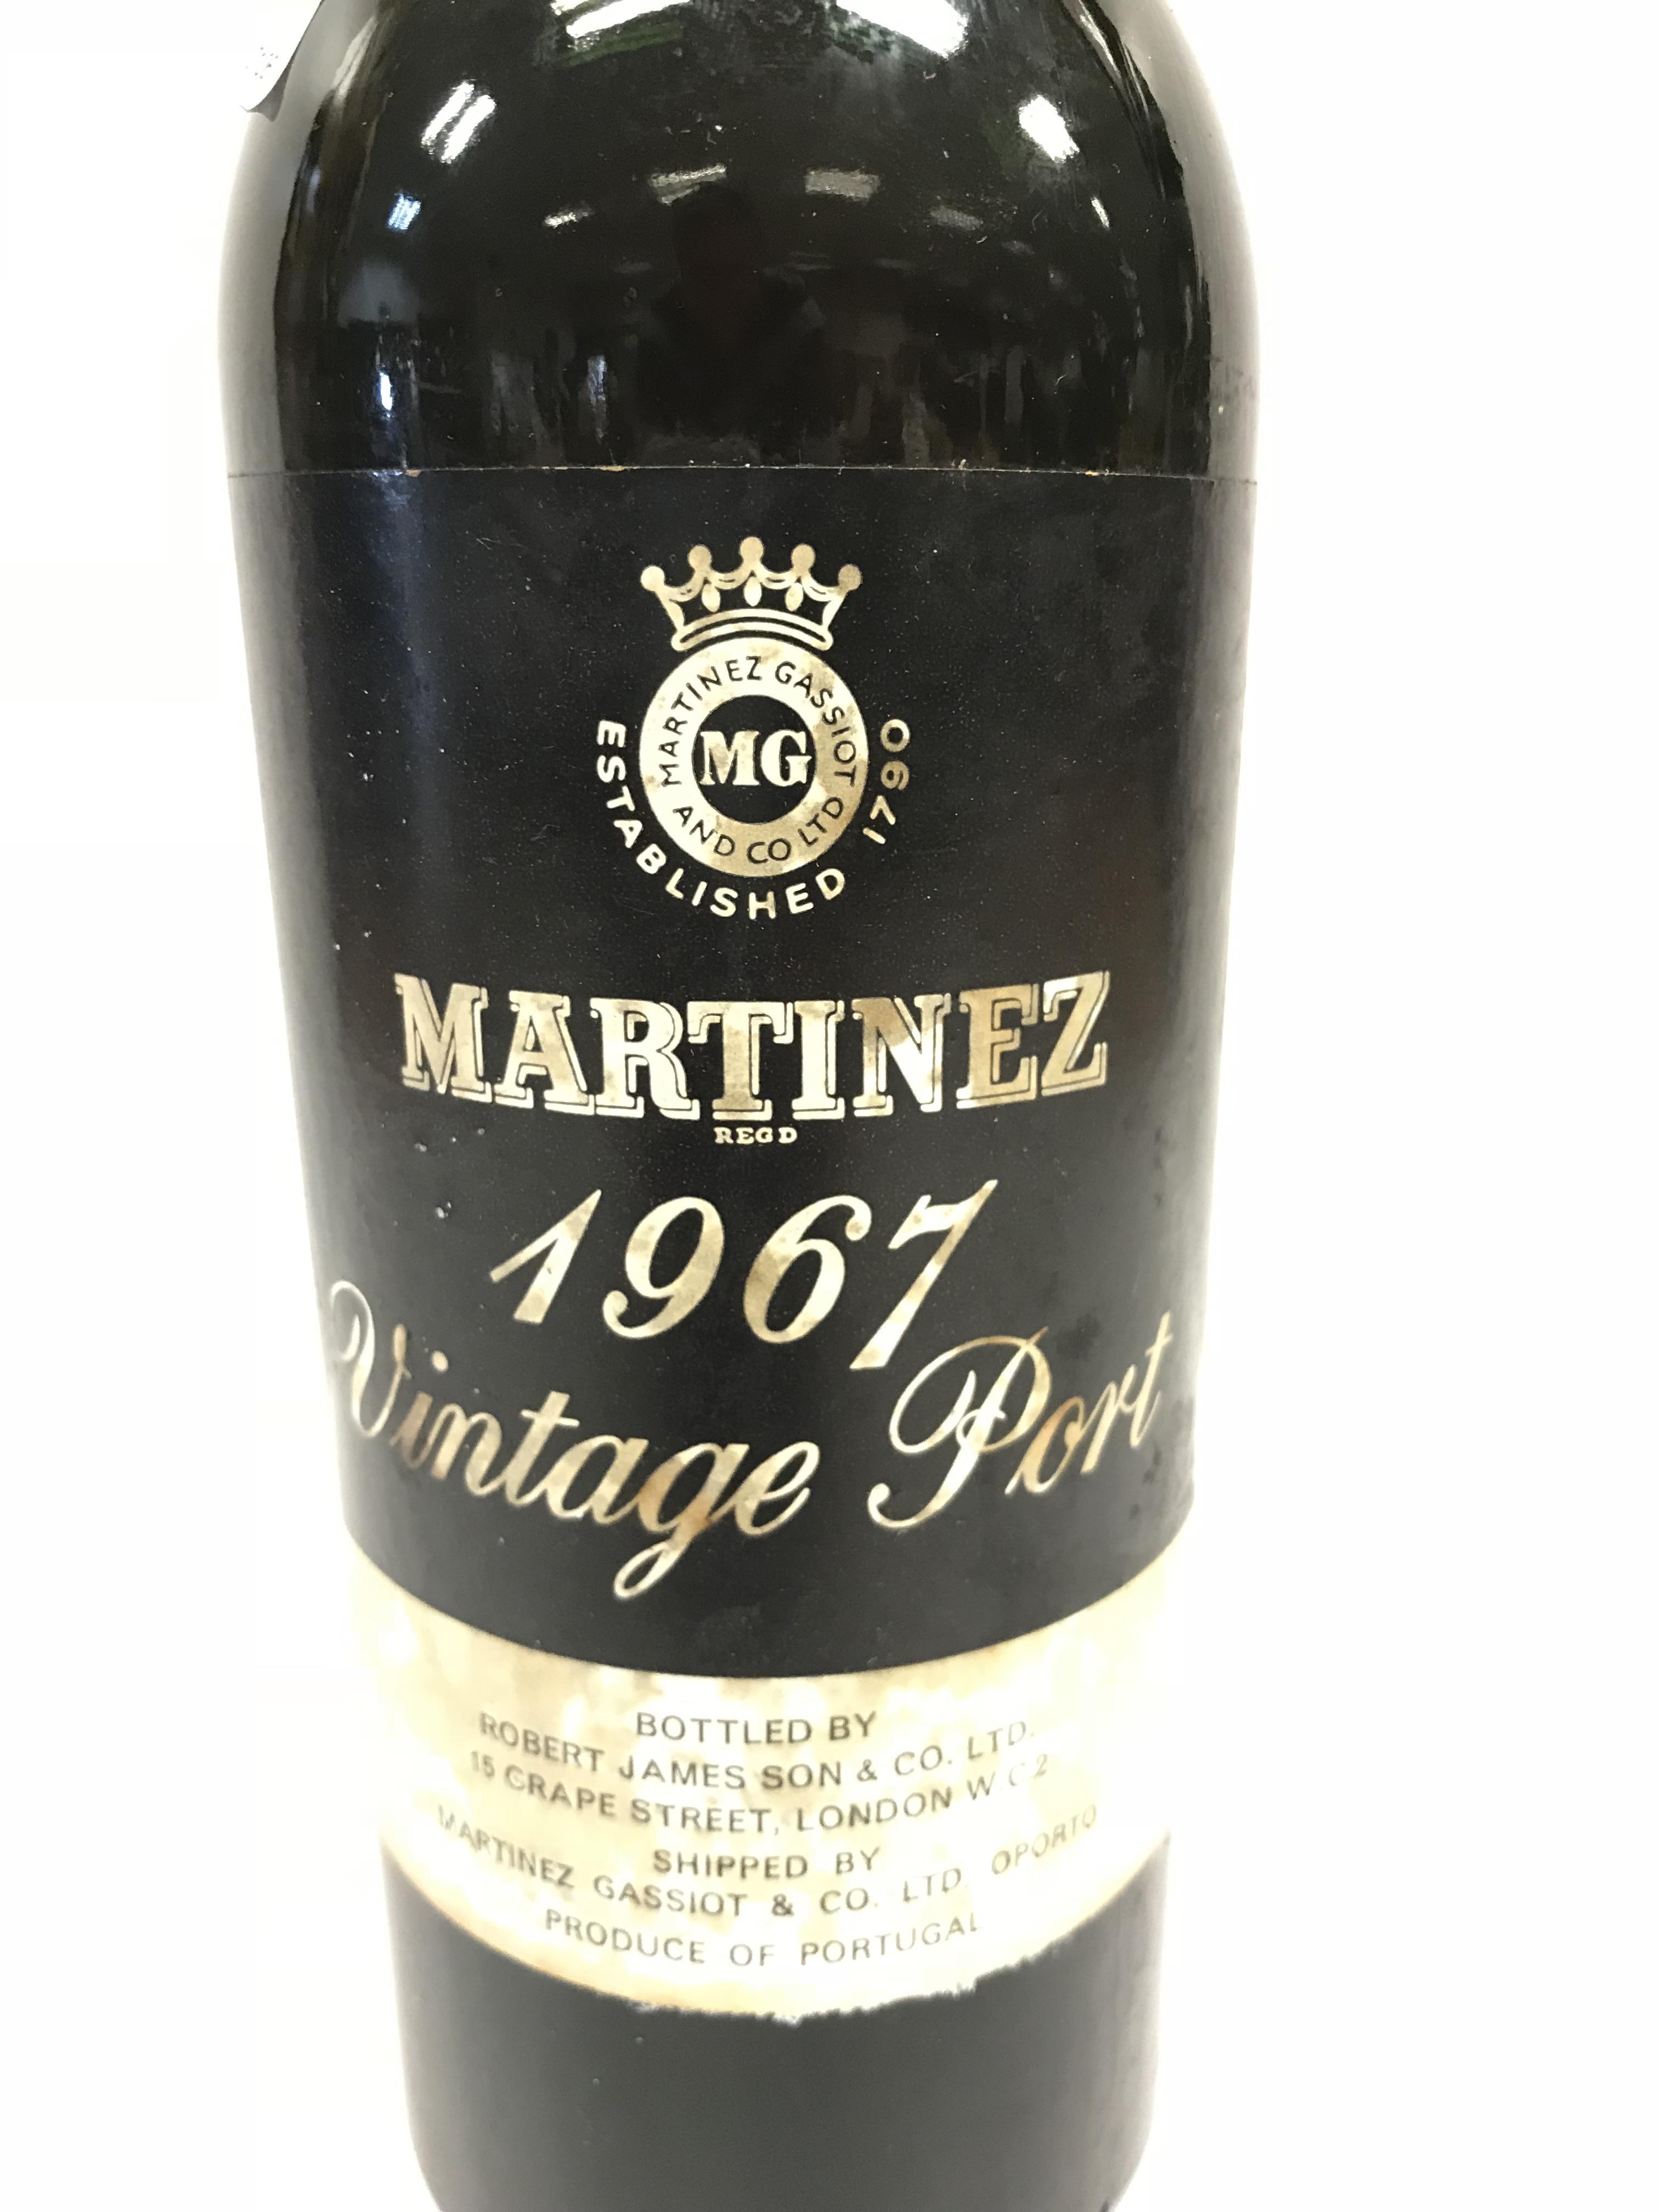 Martinez Vintage Port 1967 bottled by Robert James Son & Co. Ltd x 1 bottle - Image 3 of 4